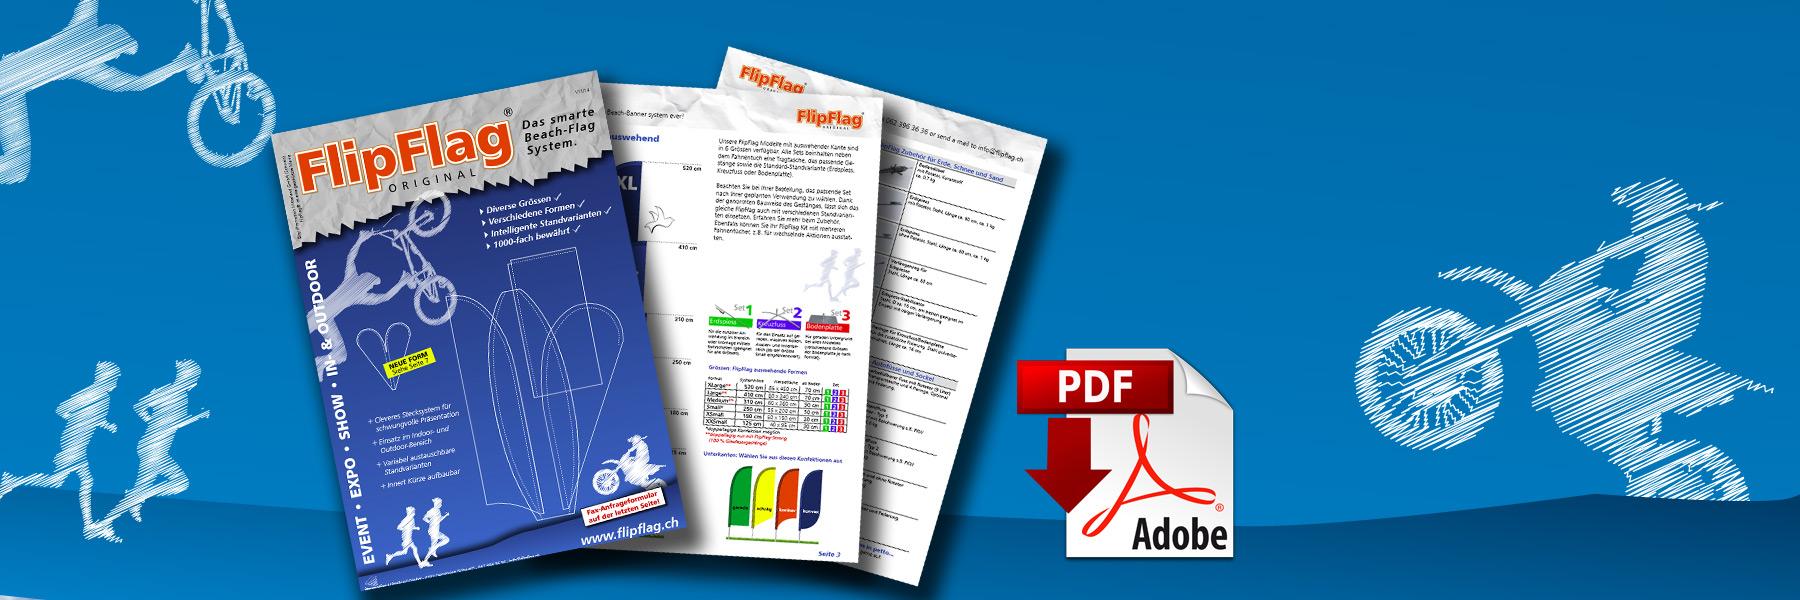 FlipFlag.ch - Der Beachflag Katalog als PDF